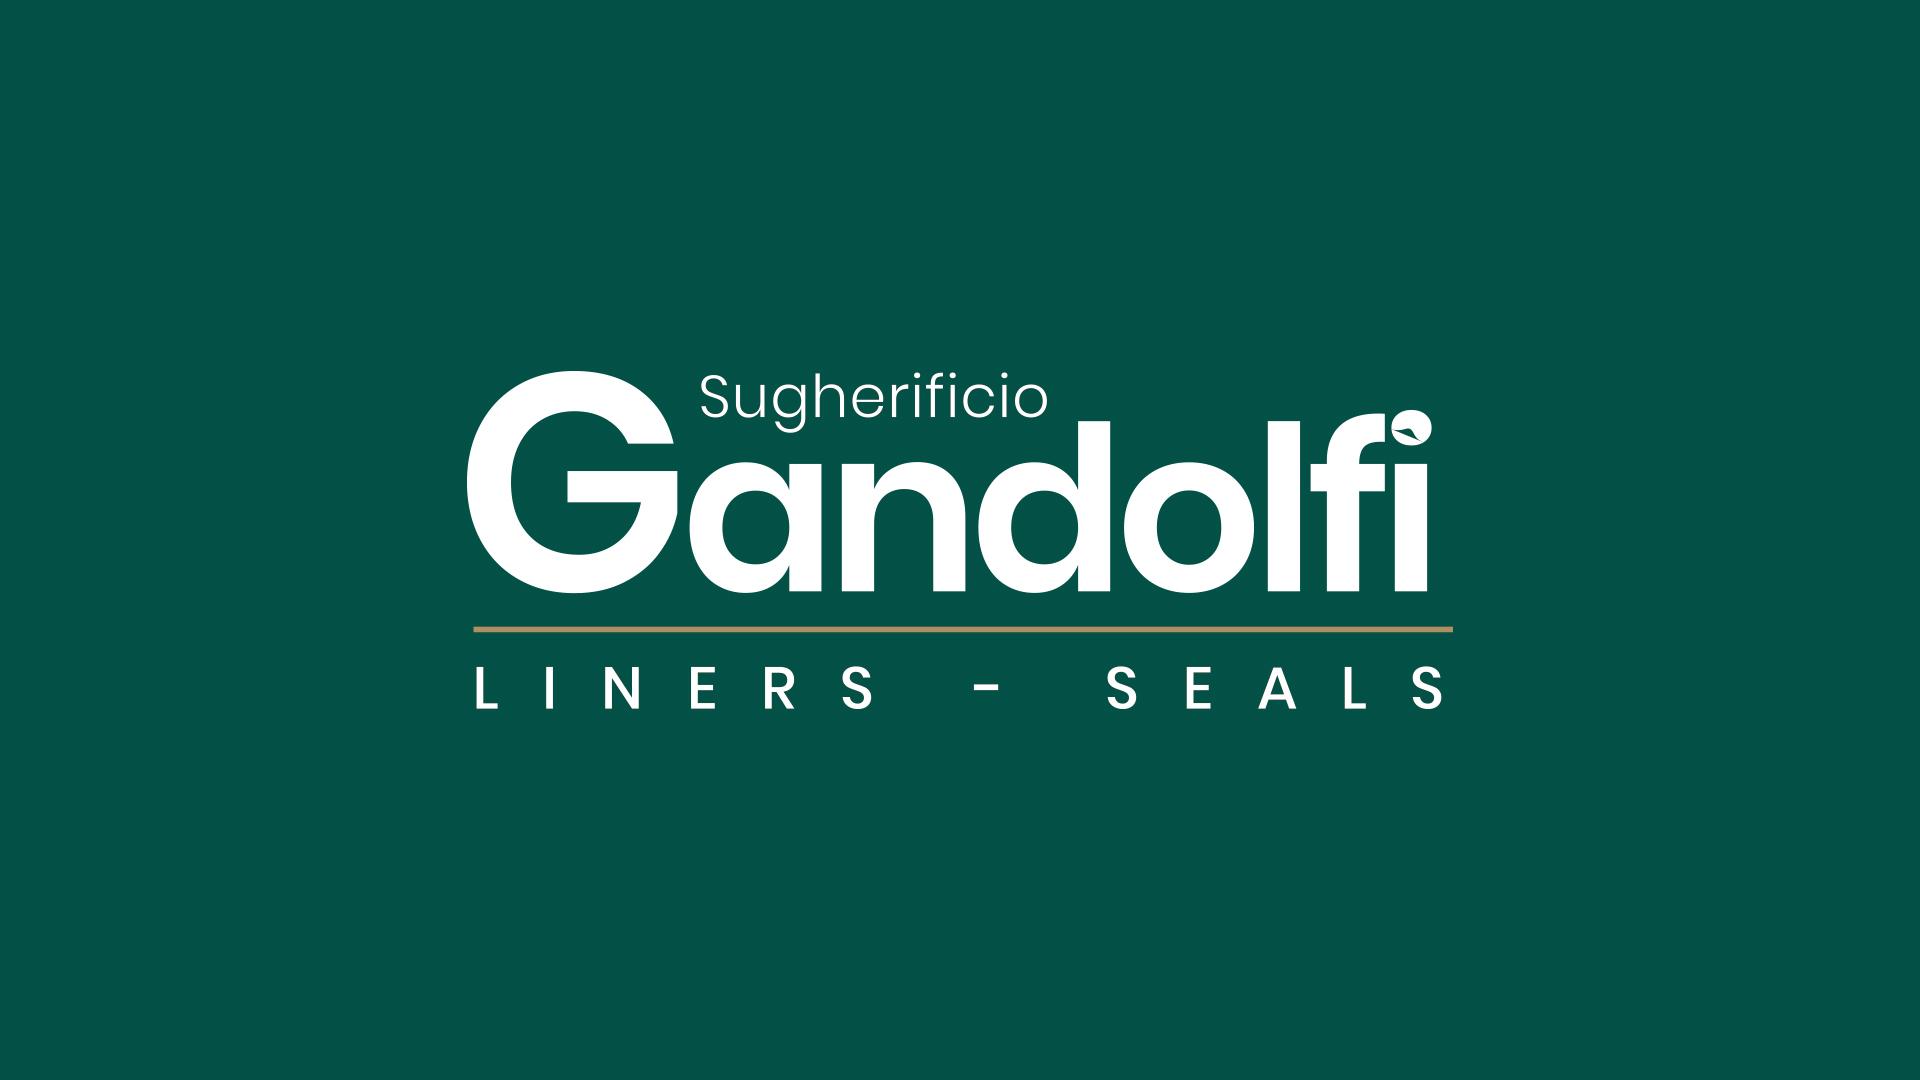 gandolfi_logo_bianco